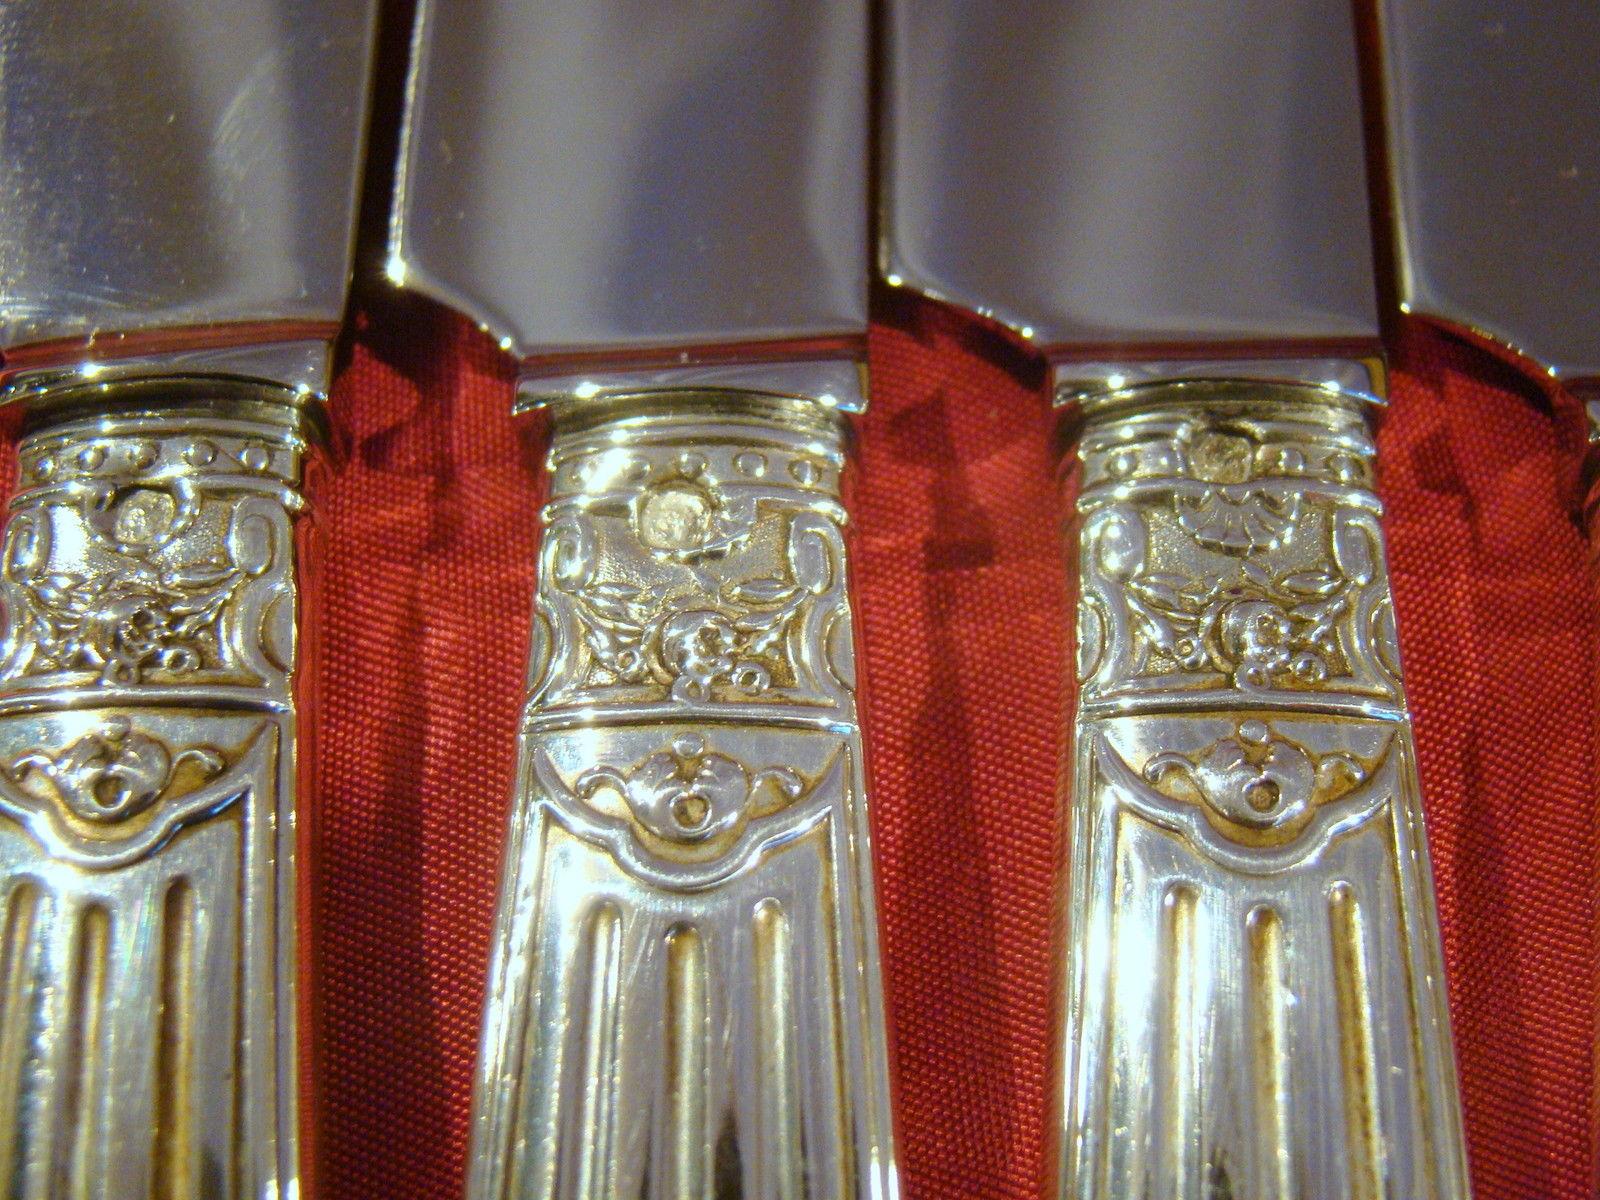 ピュイフォルカのナイフ6本セットの装飾